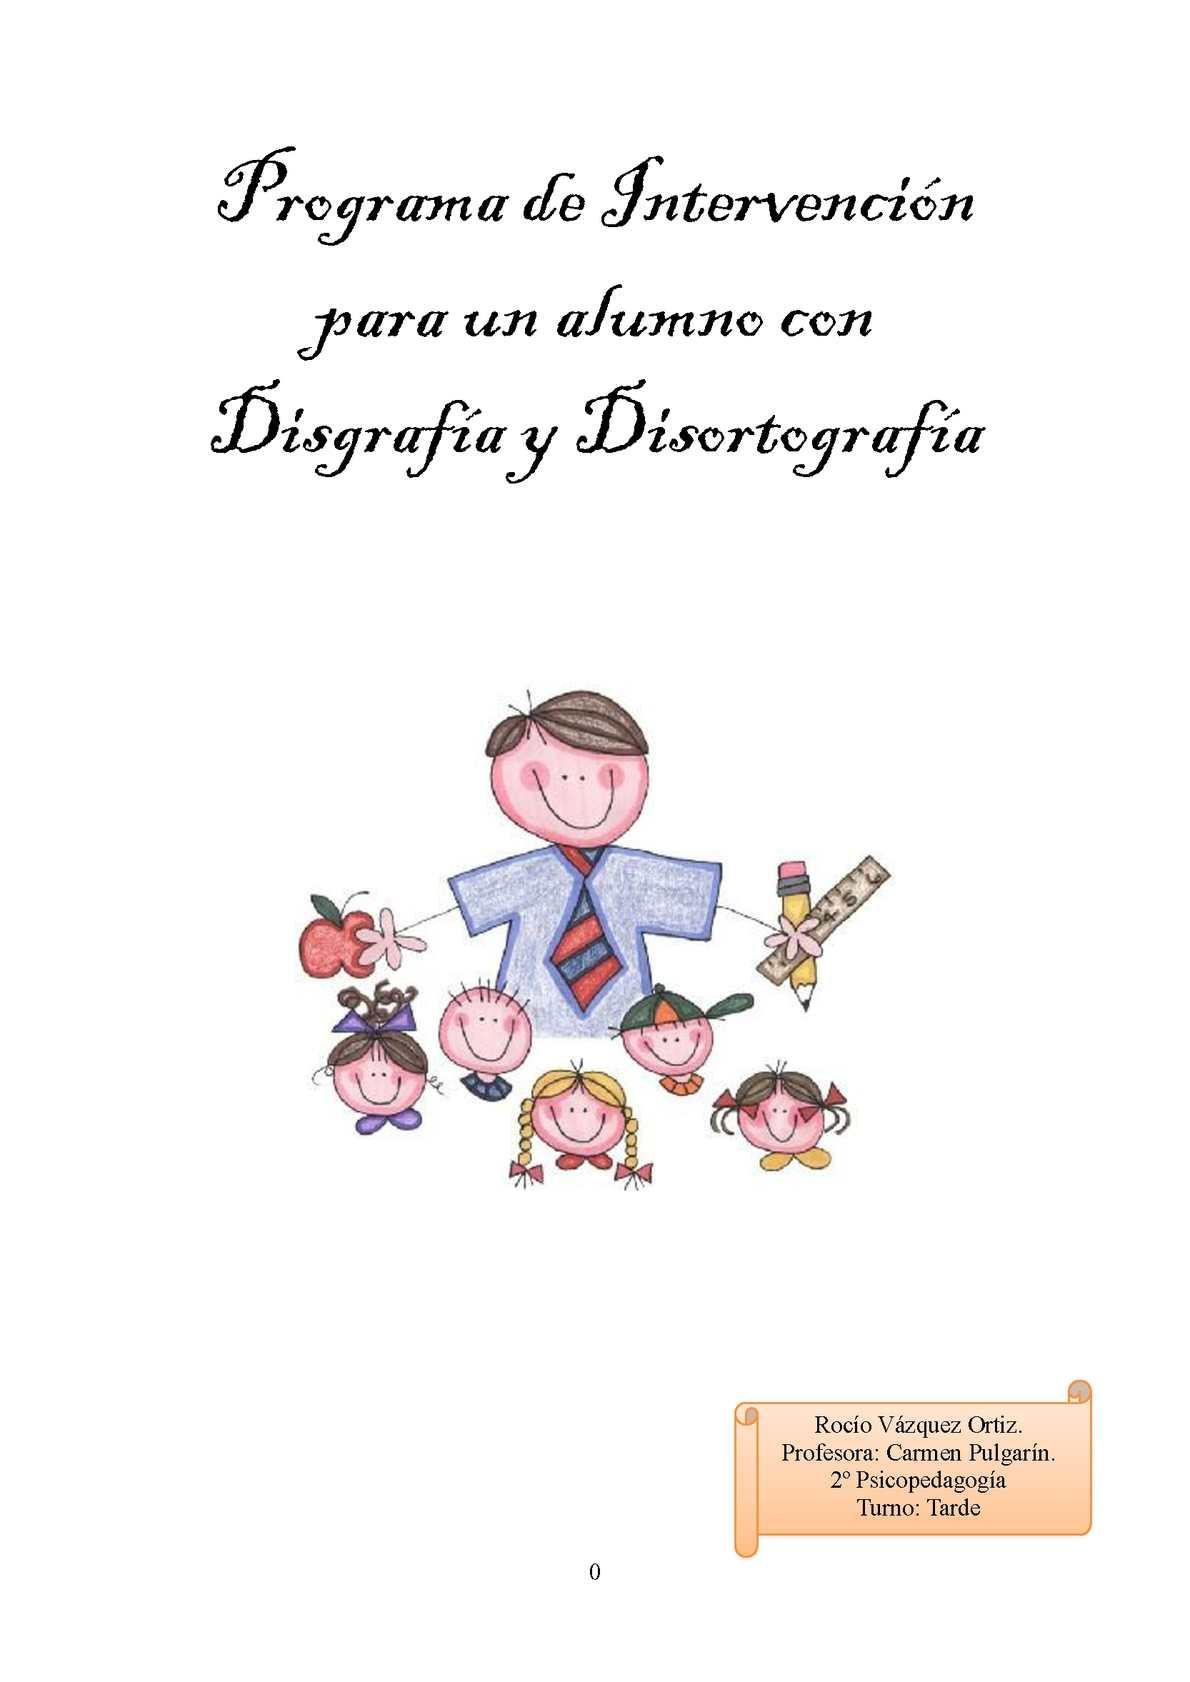 Calaméo - Programa de intervención para un alumno con disgrafía